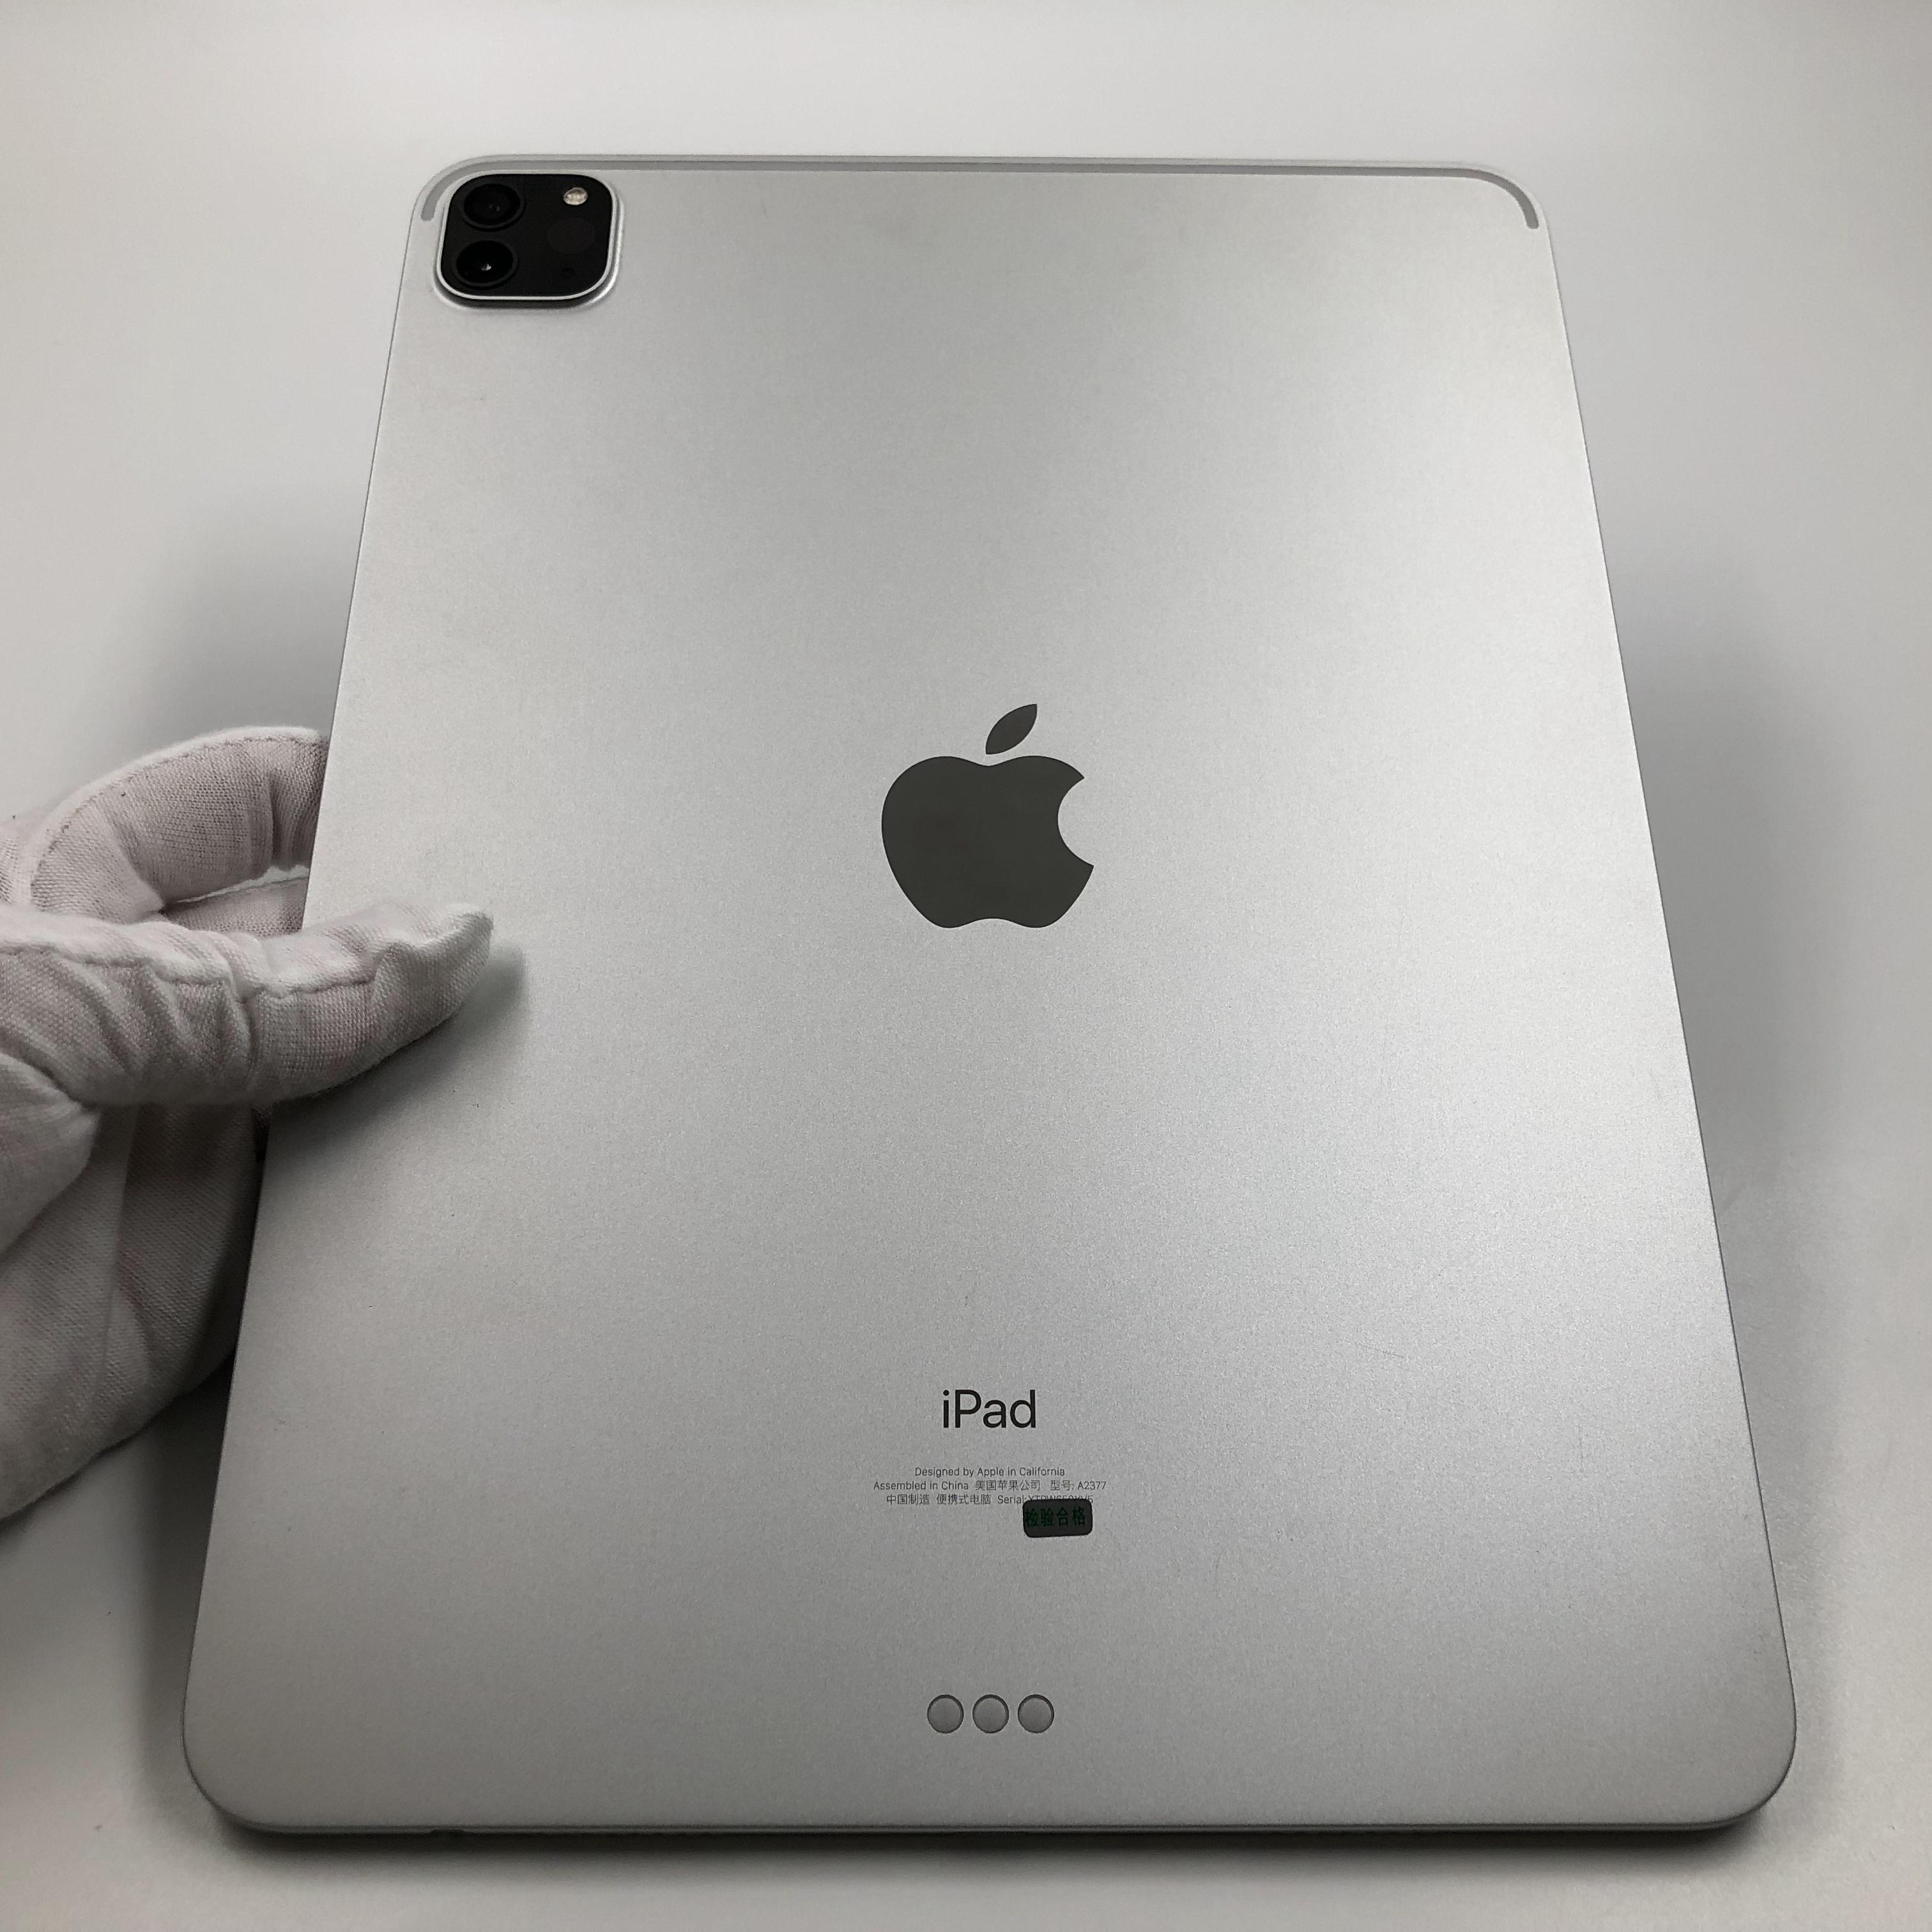 苹果【iPad Pro 11英寸 21款】WIFI版 深空灰 128G 国行 95新 真机实拍官保2022-05-24